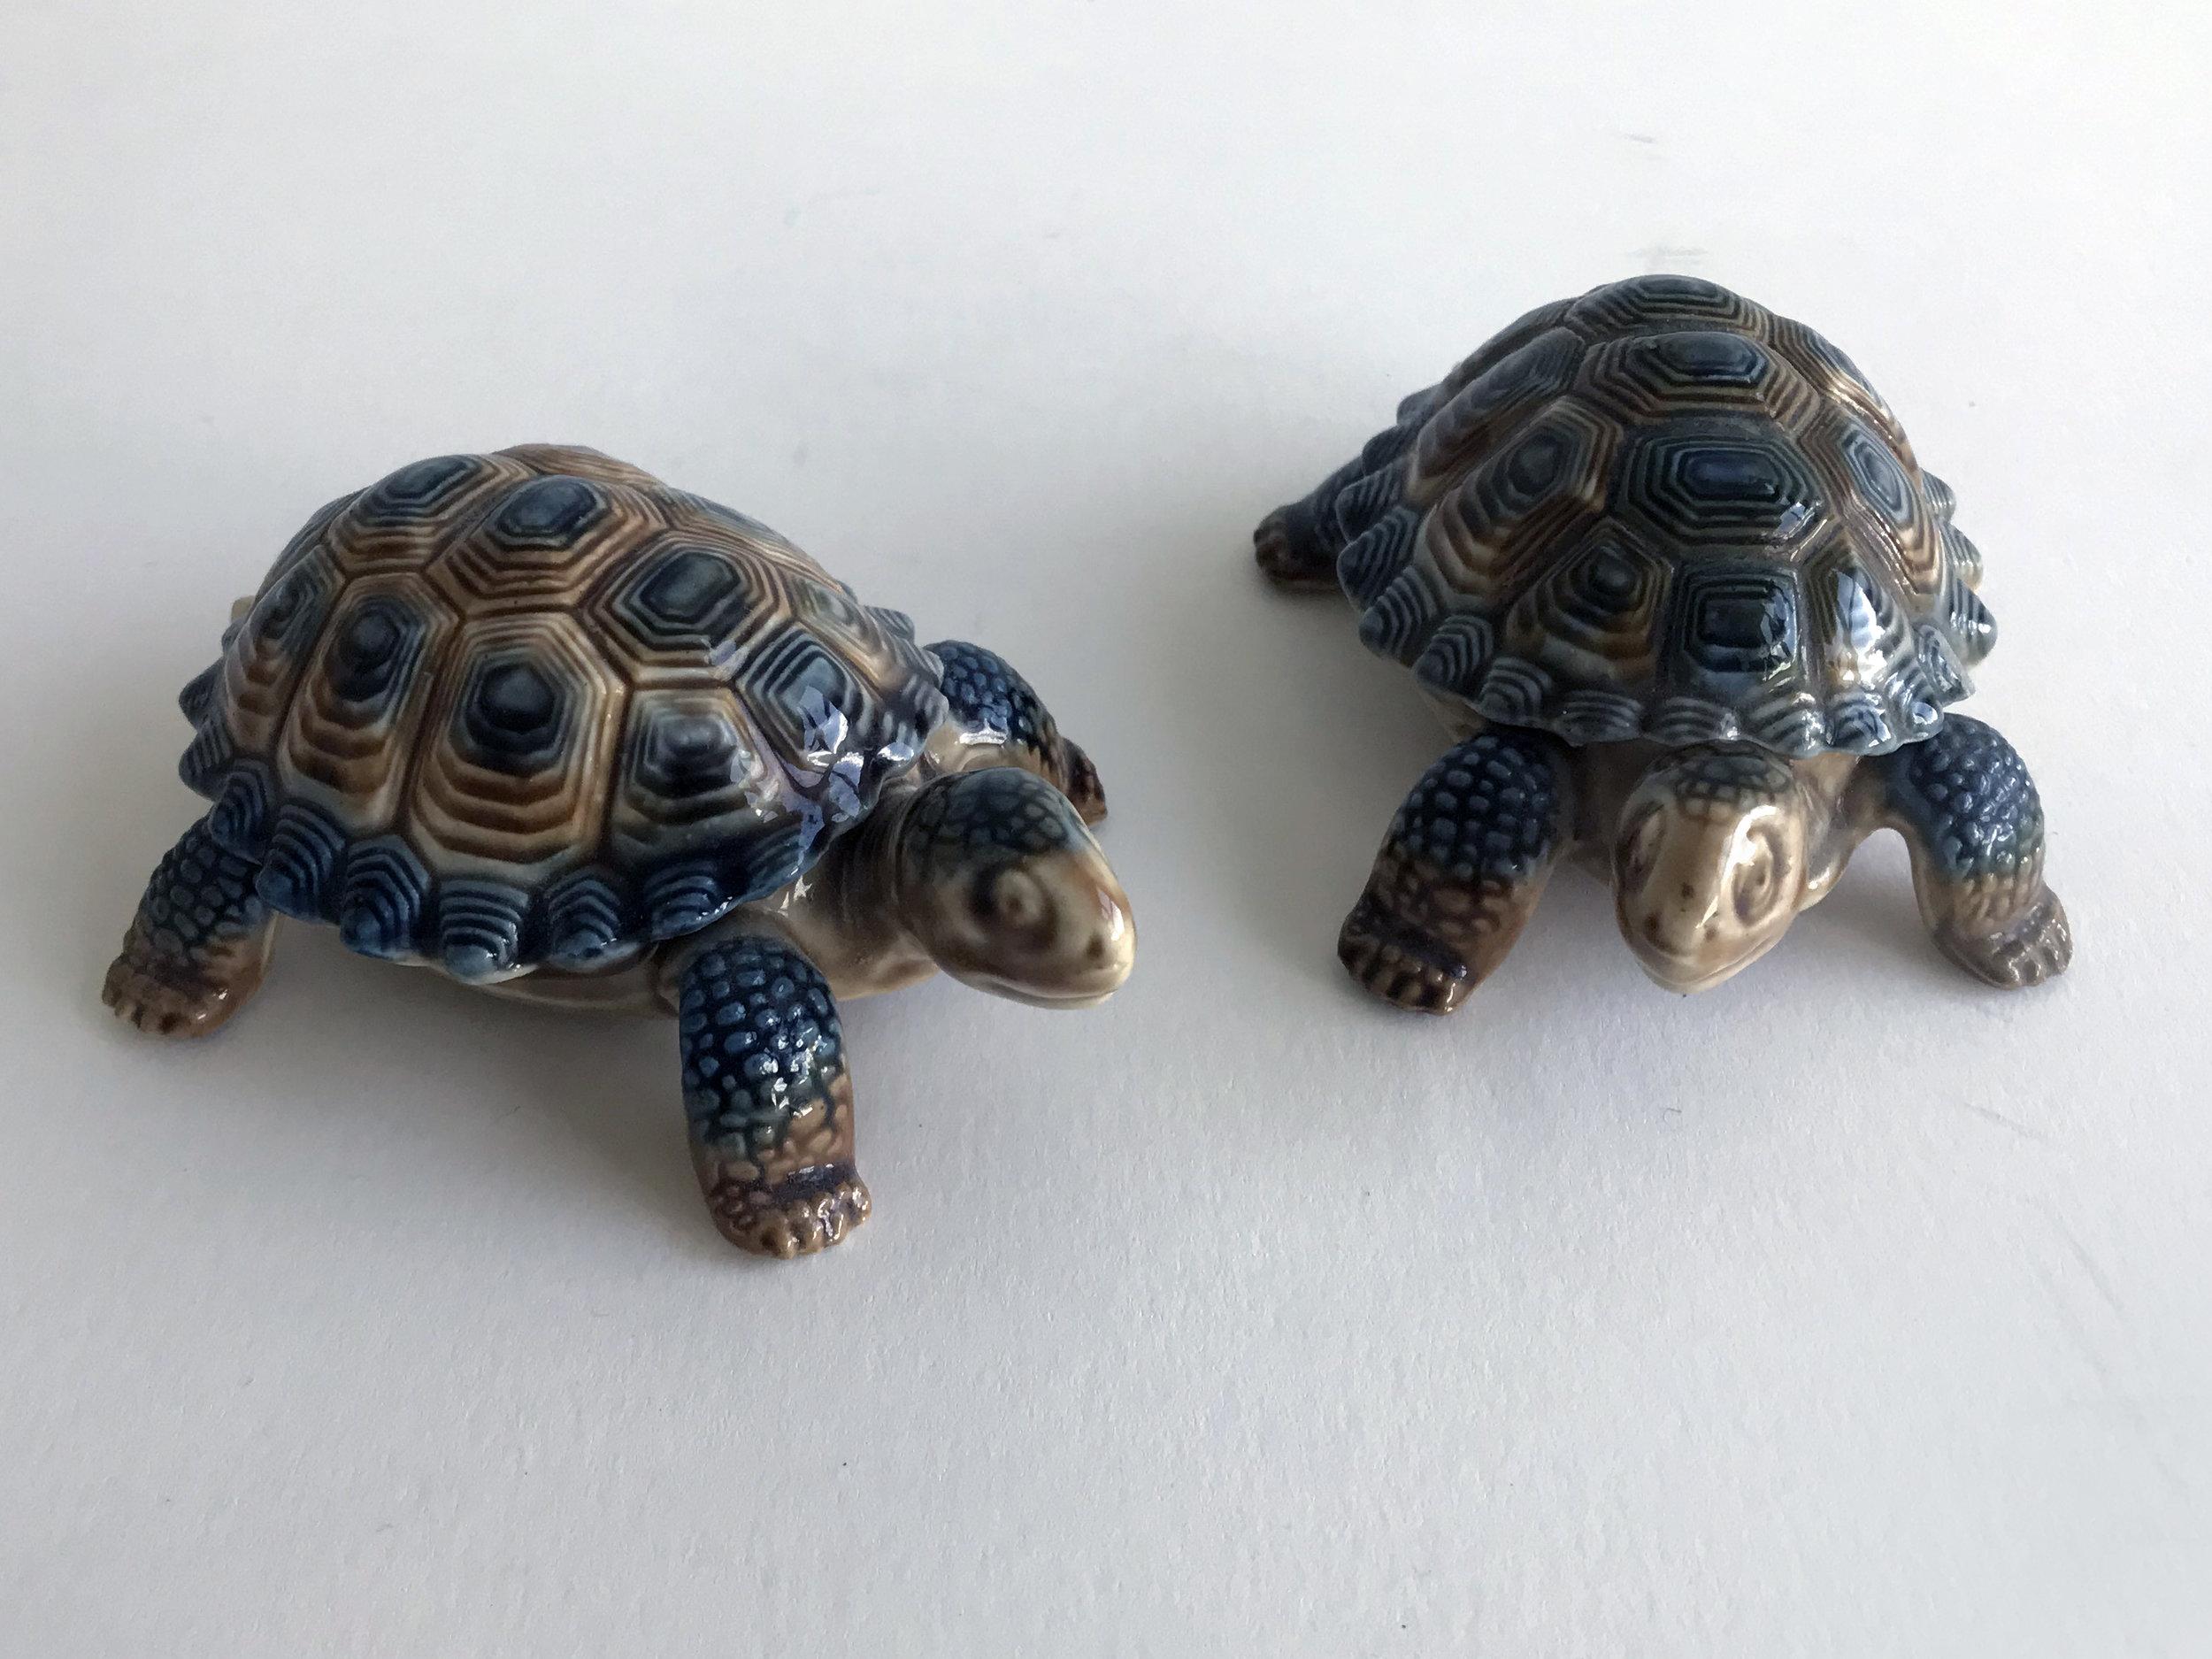 2 turtles.jpg